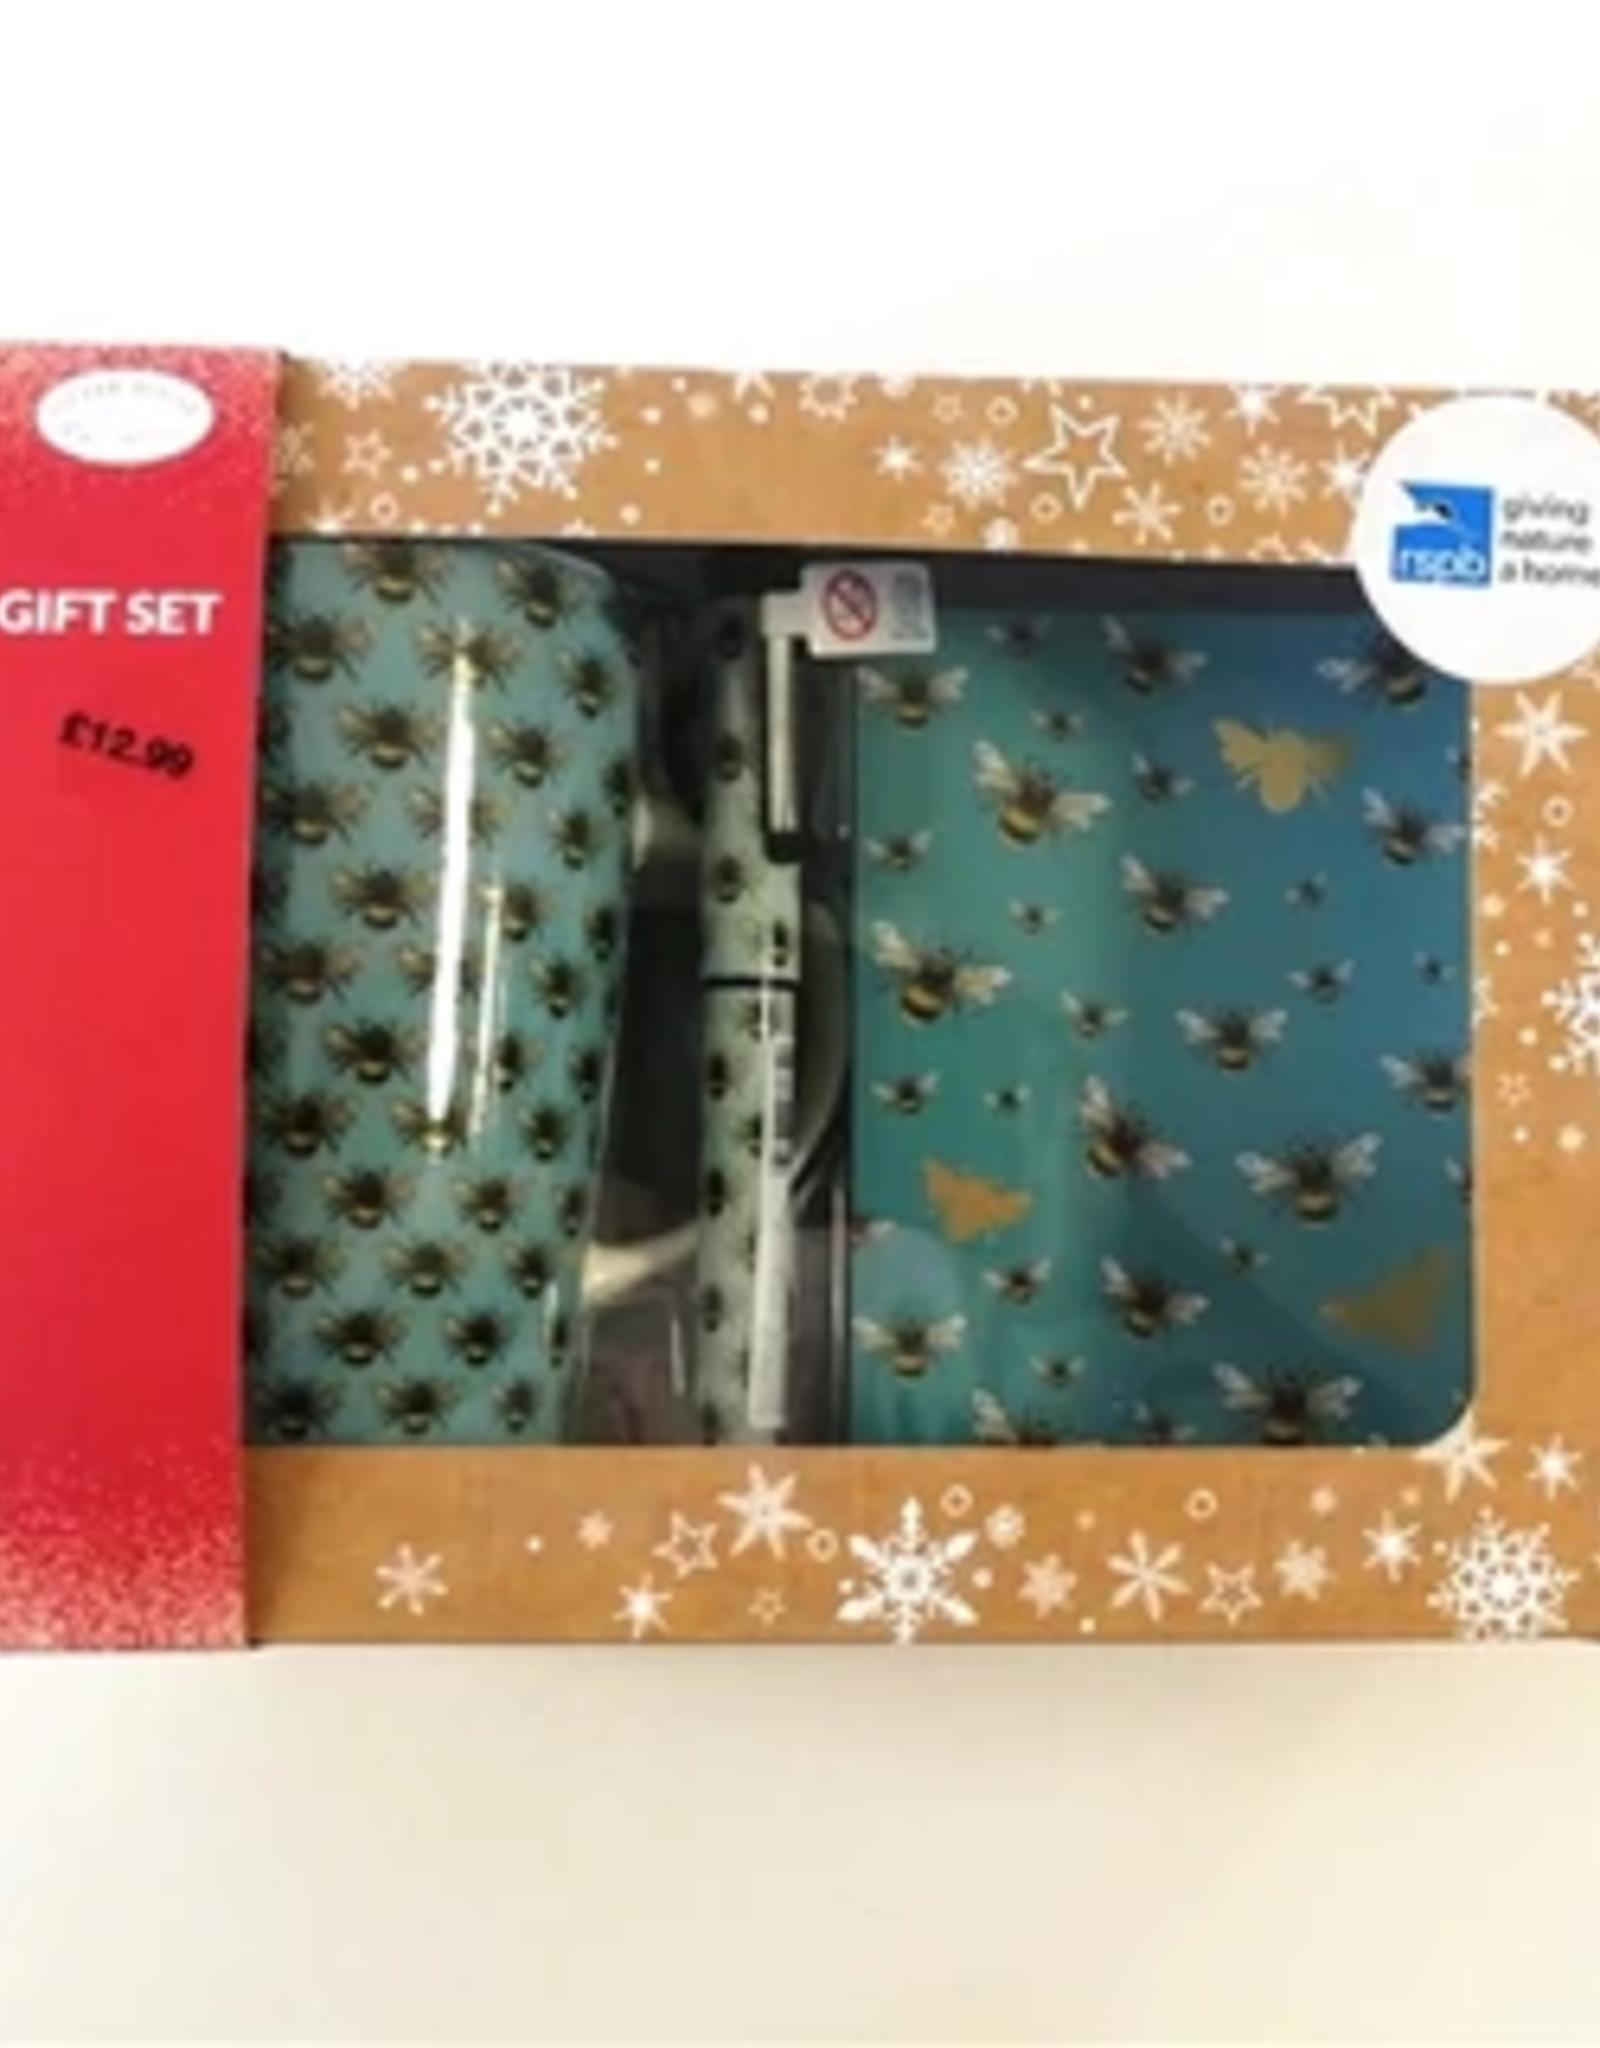 GIFT BOX - RSPB BEE